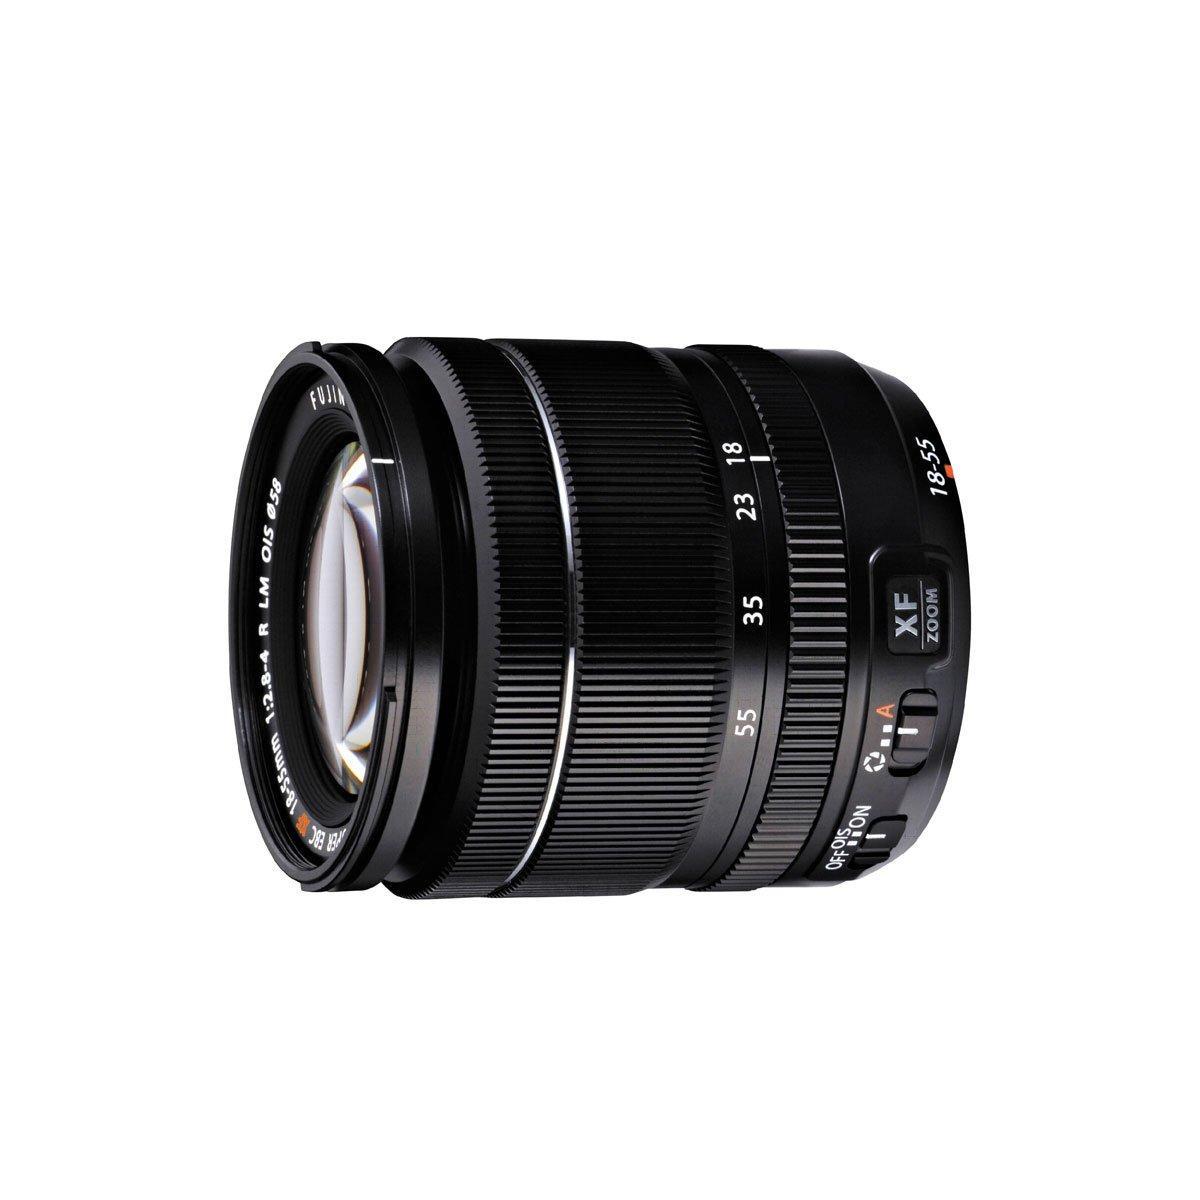 Fujinon XF 18-55mm / f2,8-4,0 OIS- X-mount